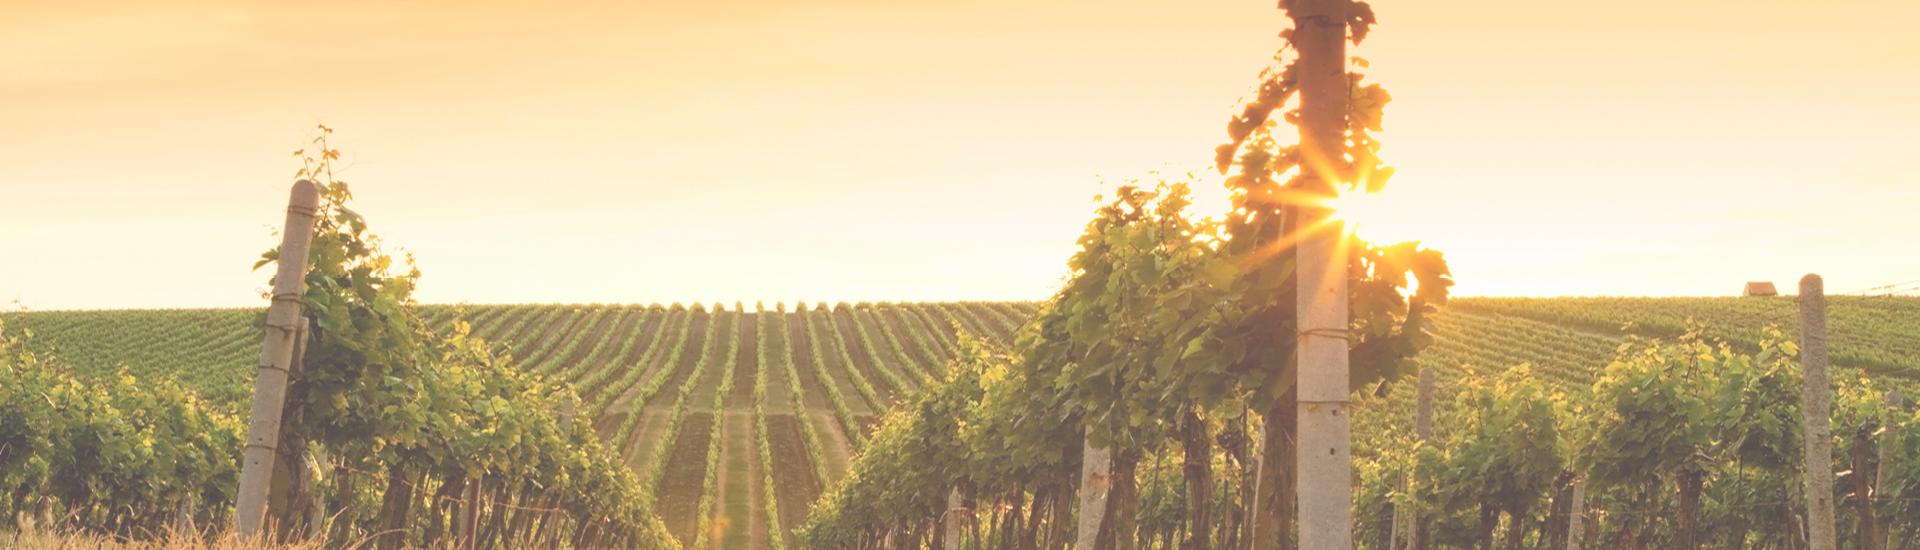 Weine - Weinviertel DAC - Top-Jahrgang 2016 bis -18%! 01/2018 - Slider